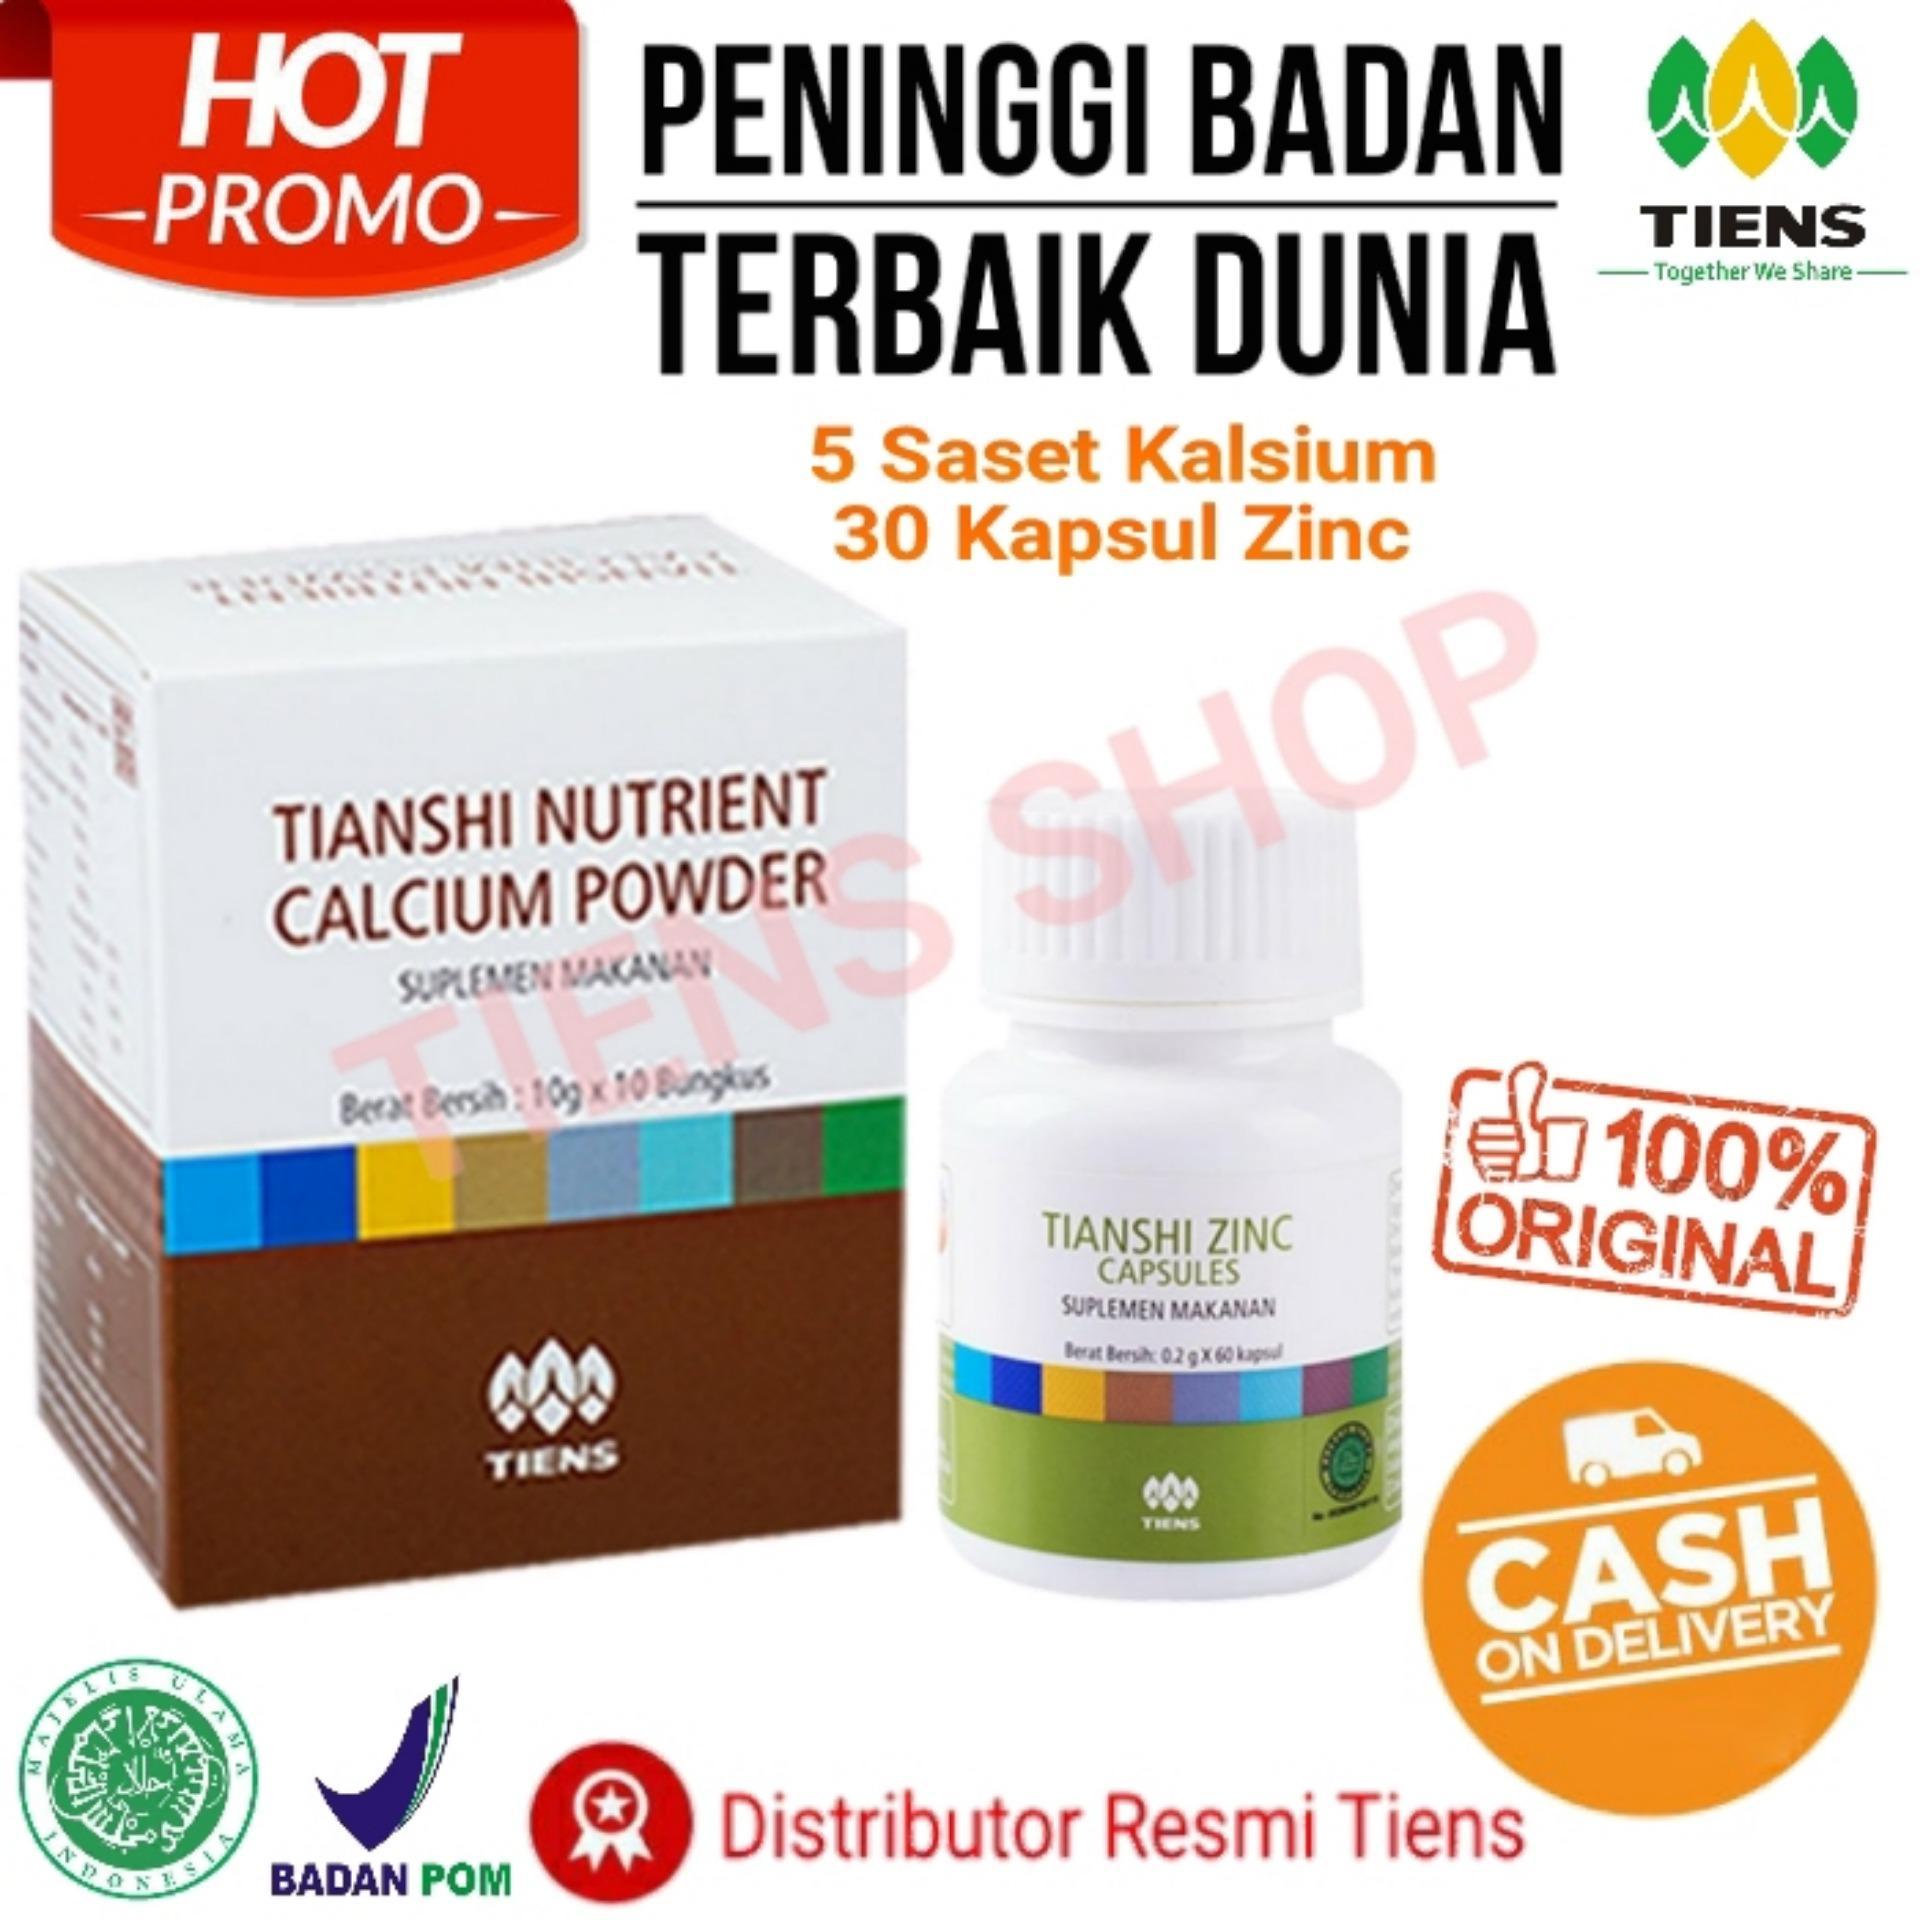 Tiens Obat Peninggi Badan Terbaik ( Promo Murah ) / Paket 5 Saset Calcium & 30 Kapsul Zinc / Seller Resmi By .Tiens Shop